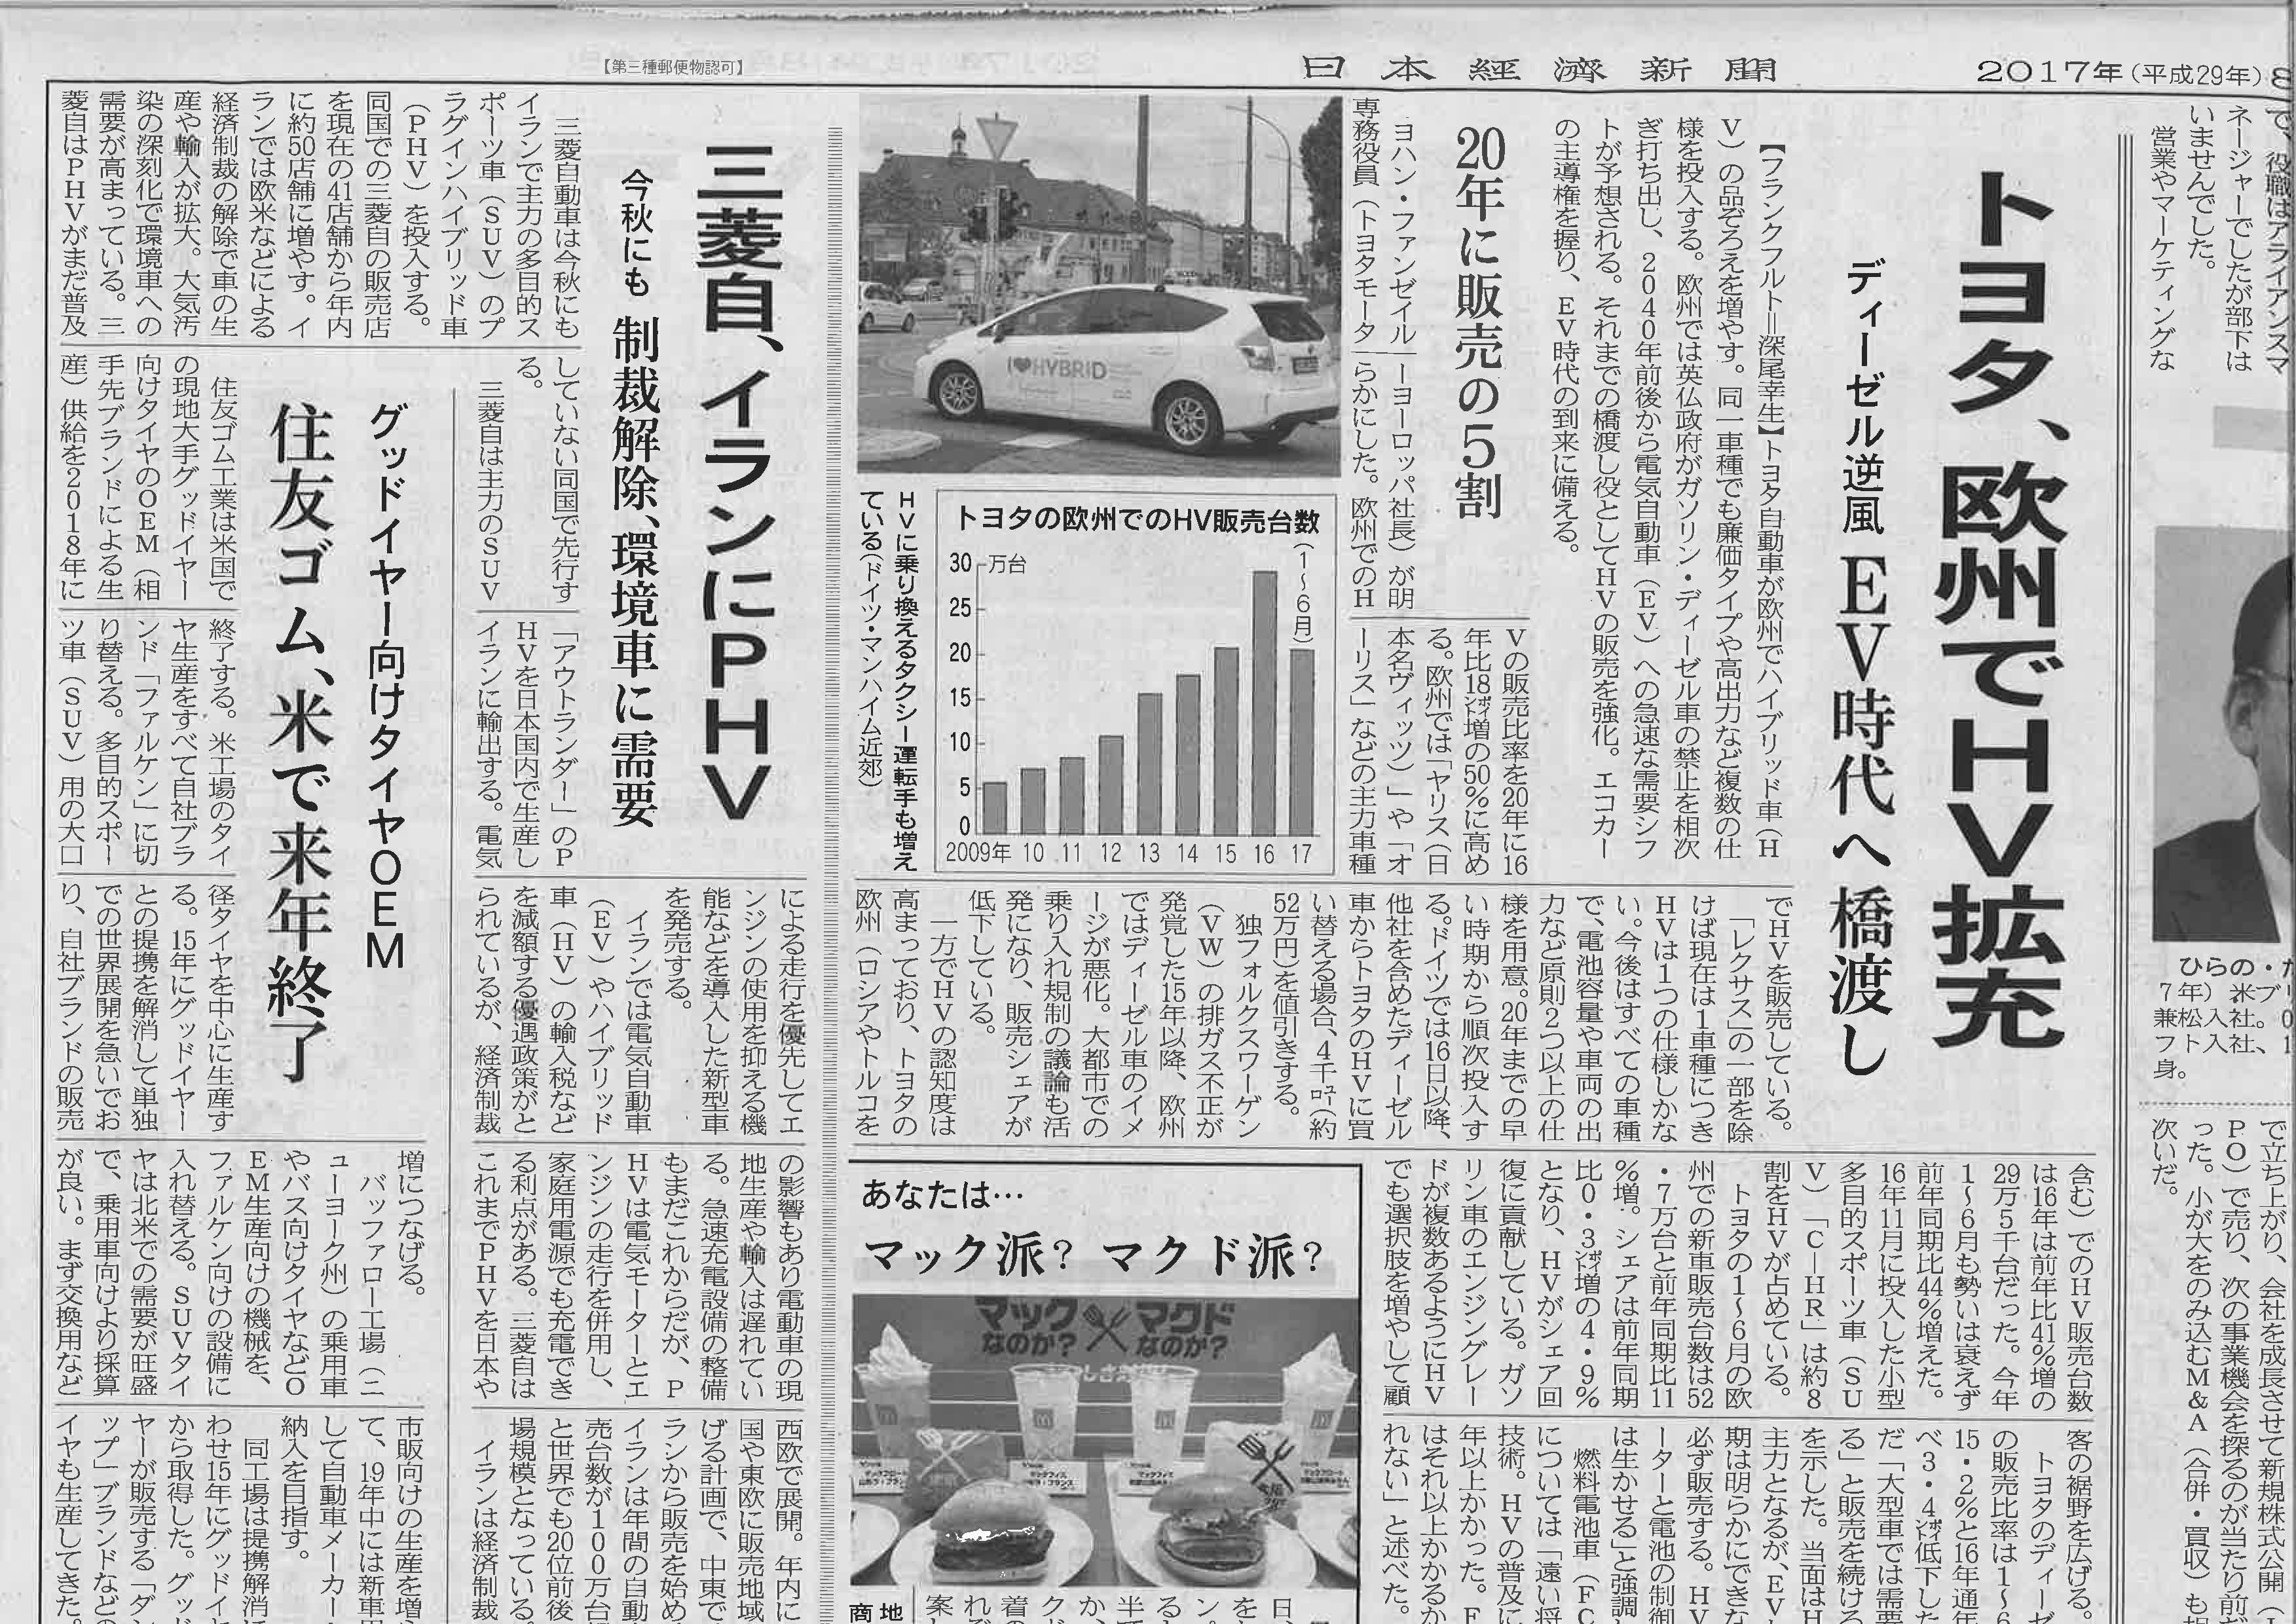 日経 三菱自動車 イランへアウトランダーPHEV輸出